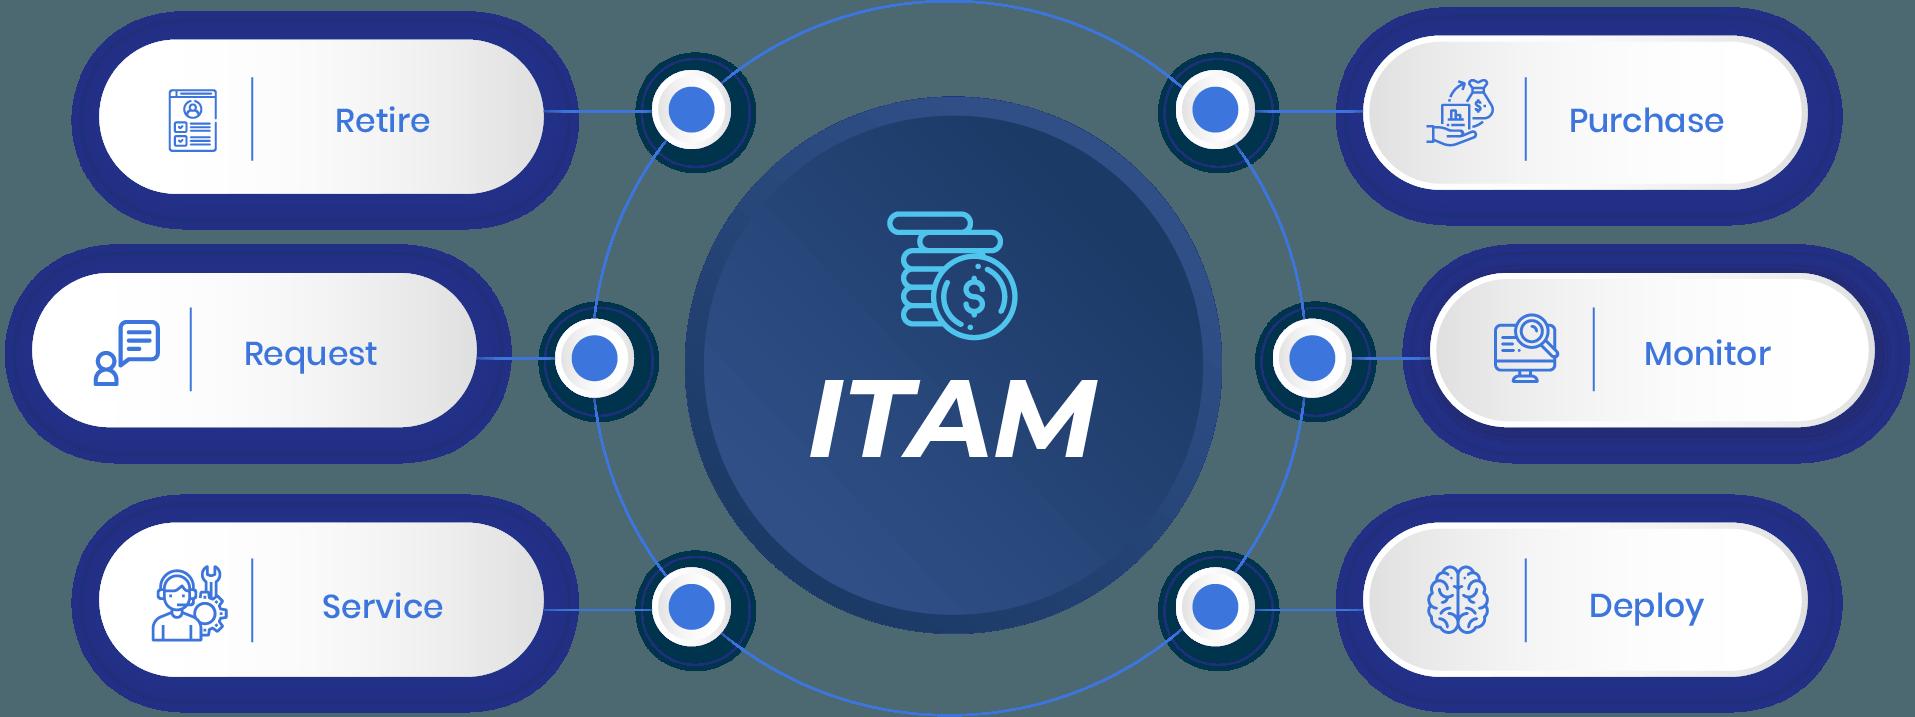 04-ITAM tools-Separator